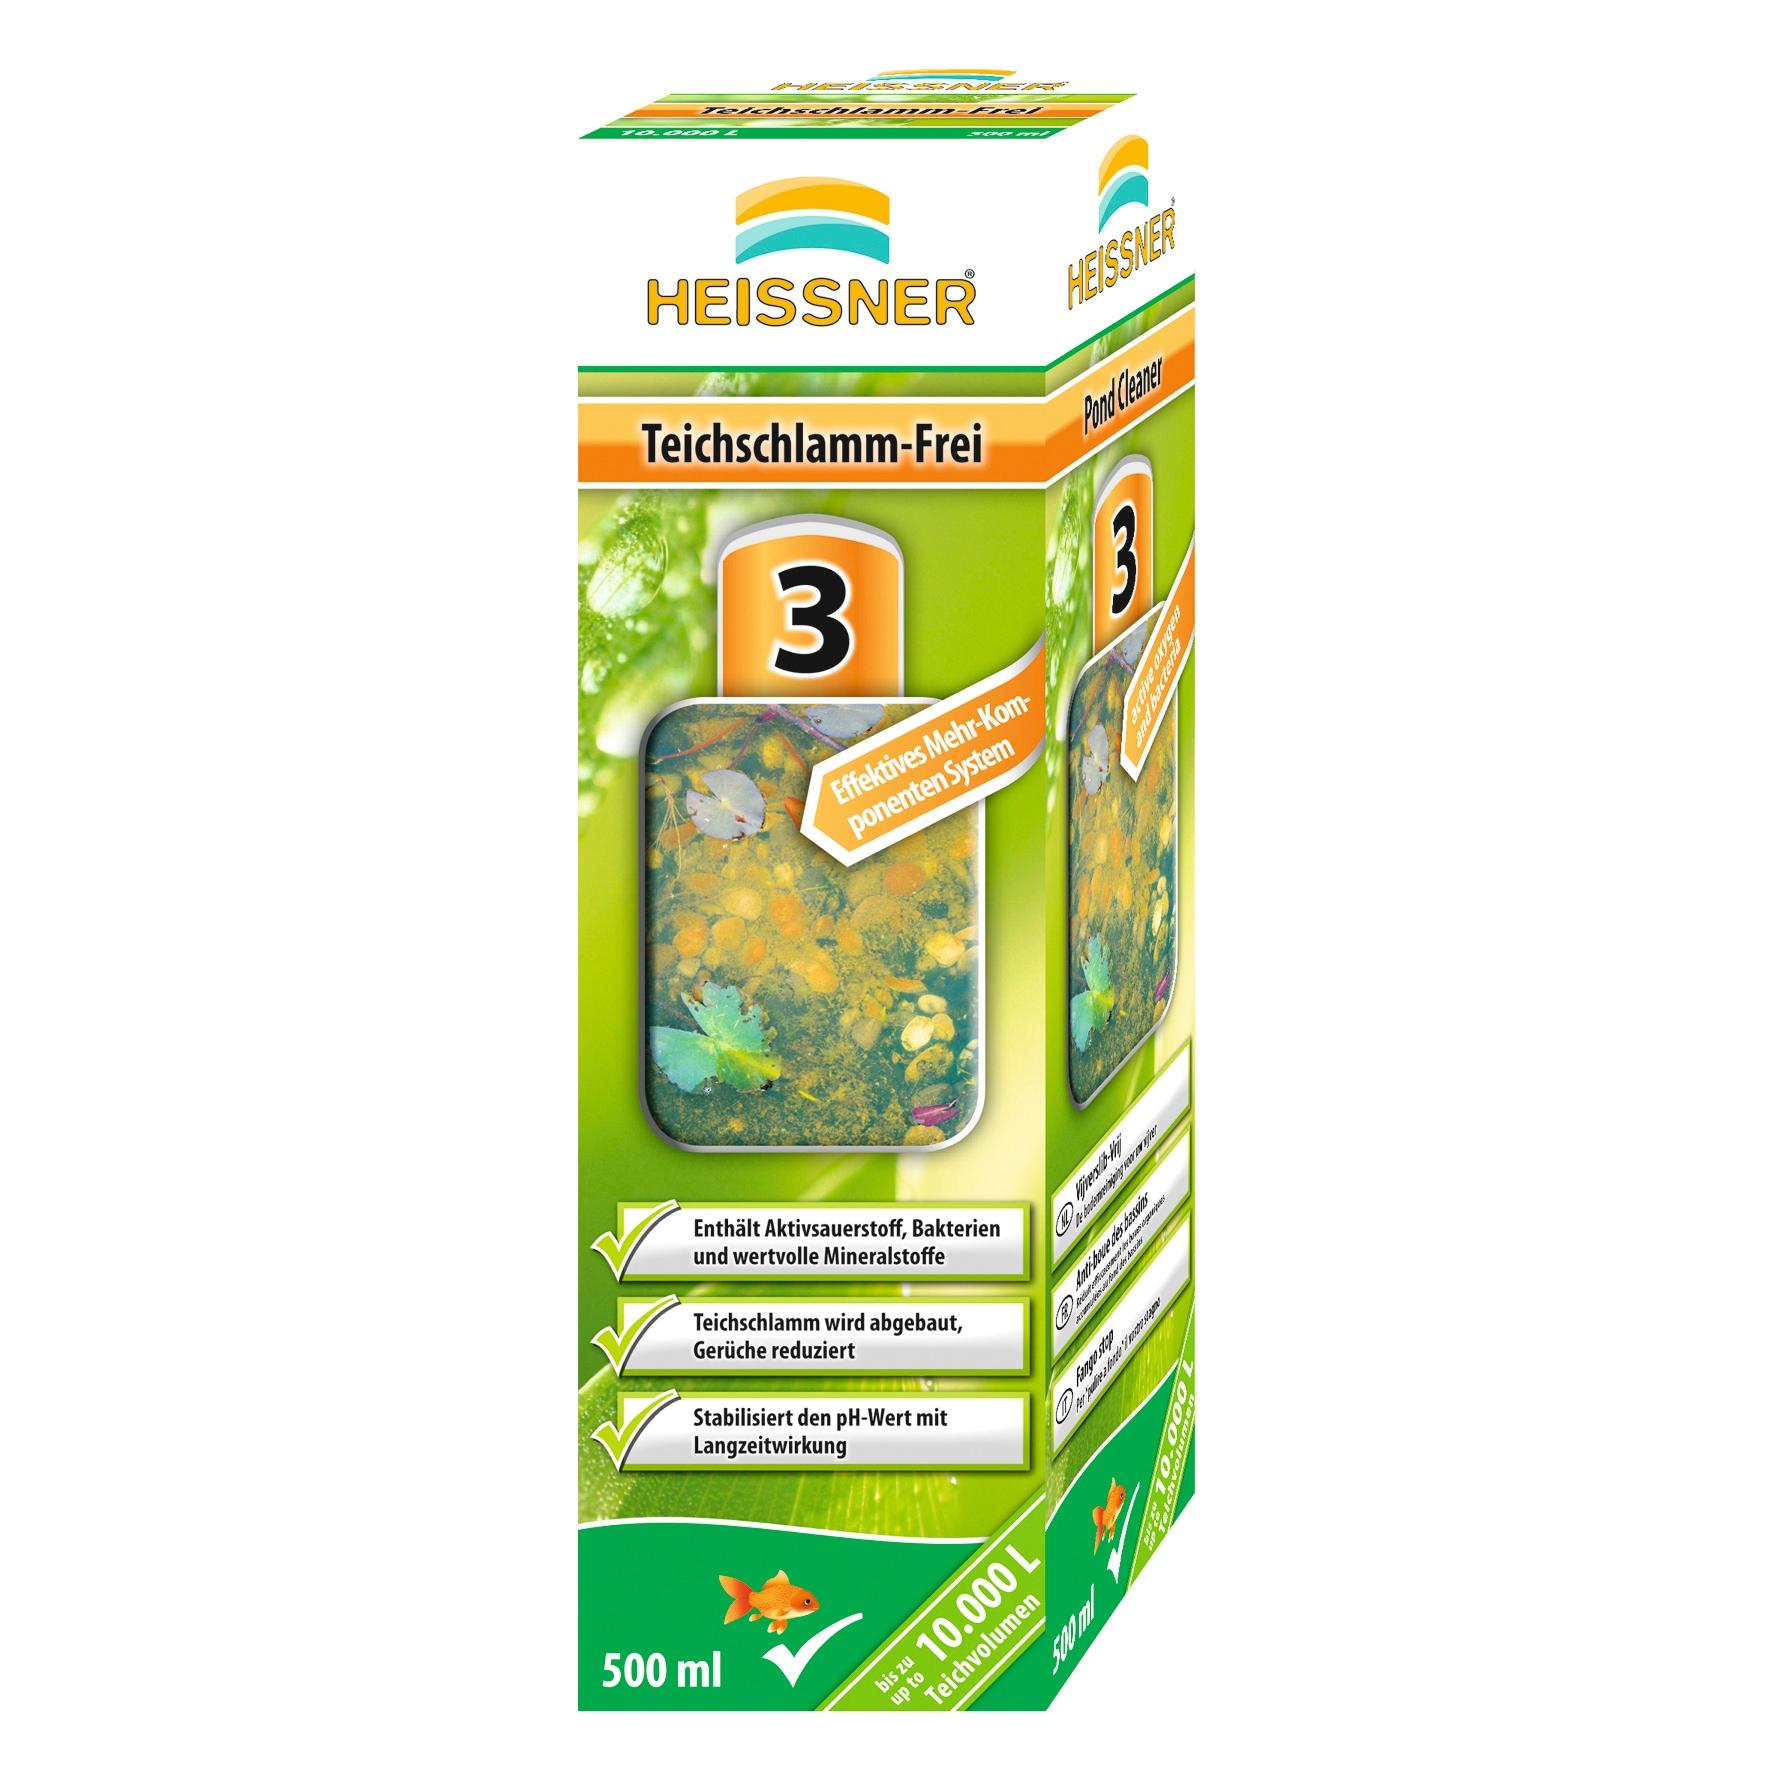 Heissner Teichpflege Teichschlammfrei, 500 ml grün Teichzubehör Teiche Garten Balkon